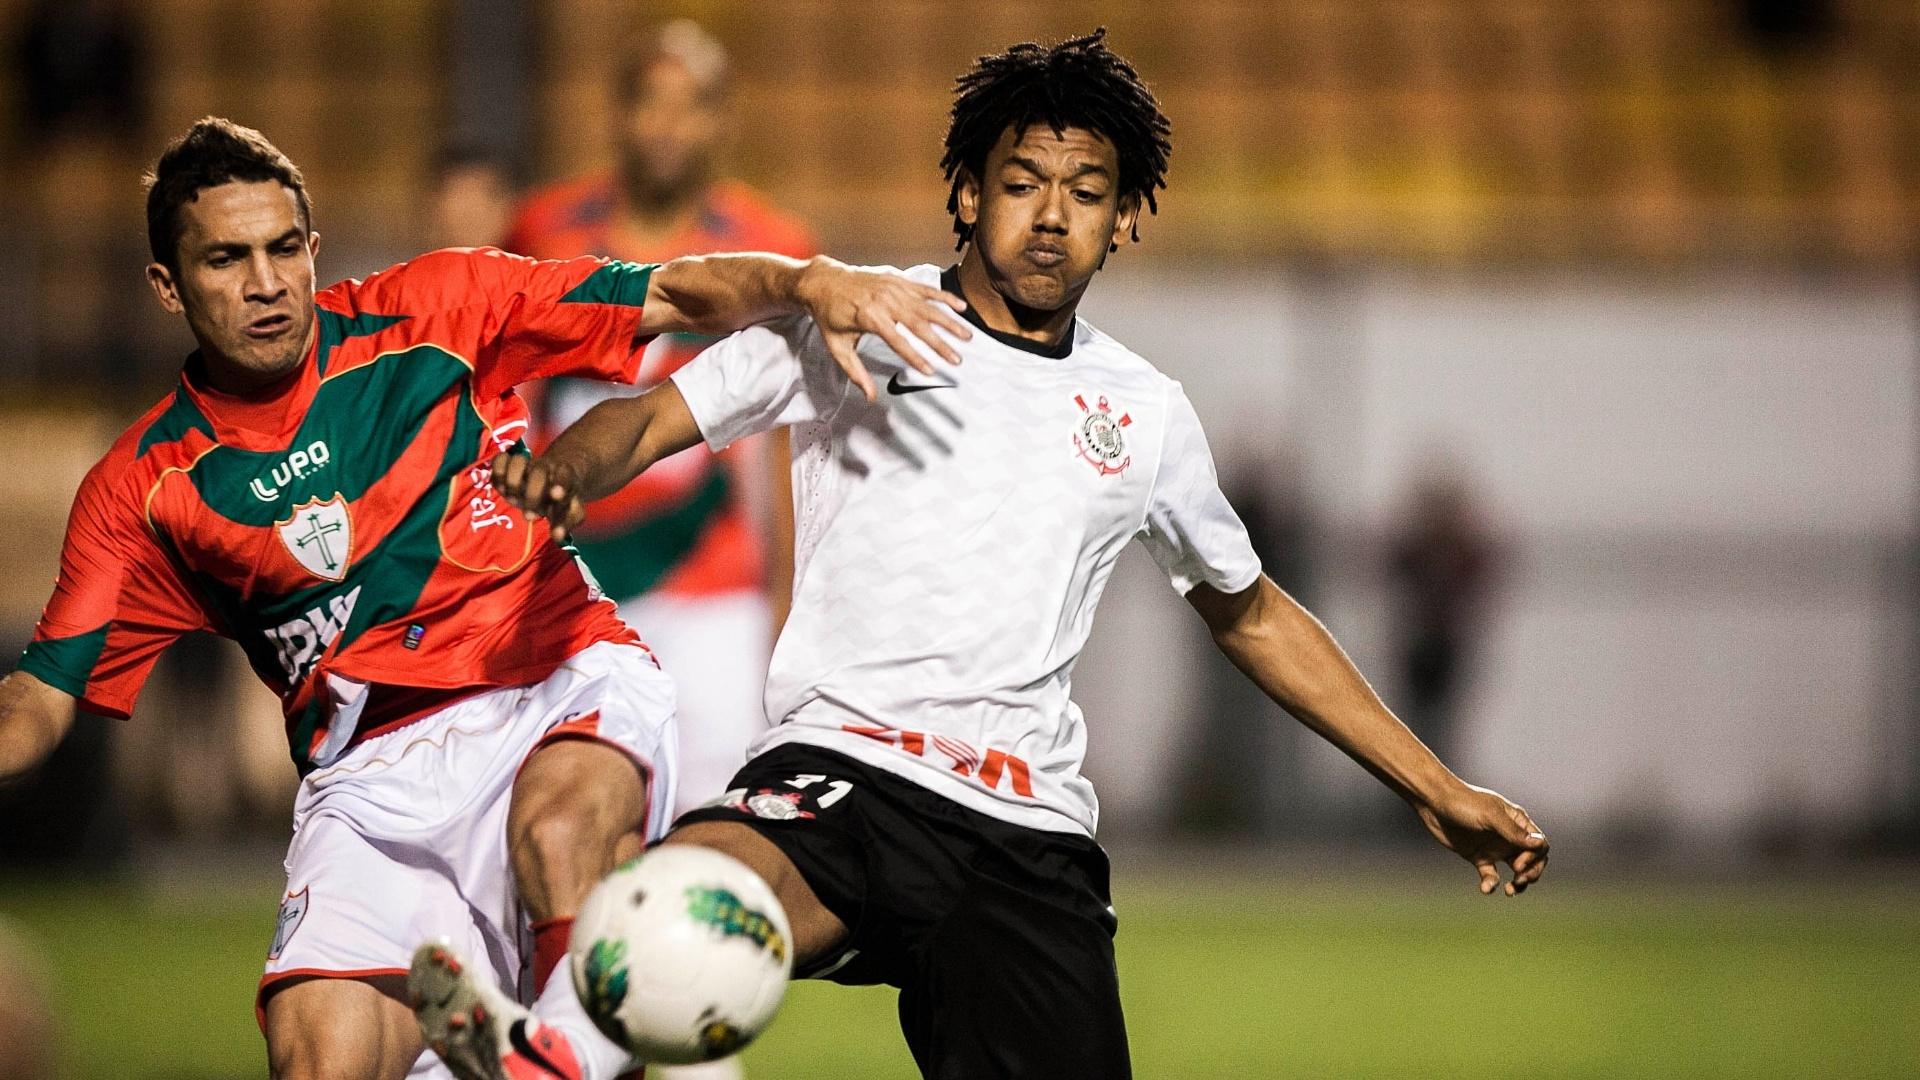 Atacante do Corinthians Romarinho (d) disputa a bola com adversário da Portuguesa